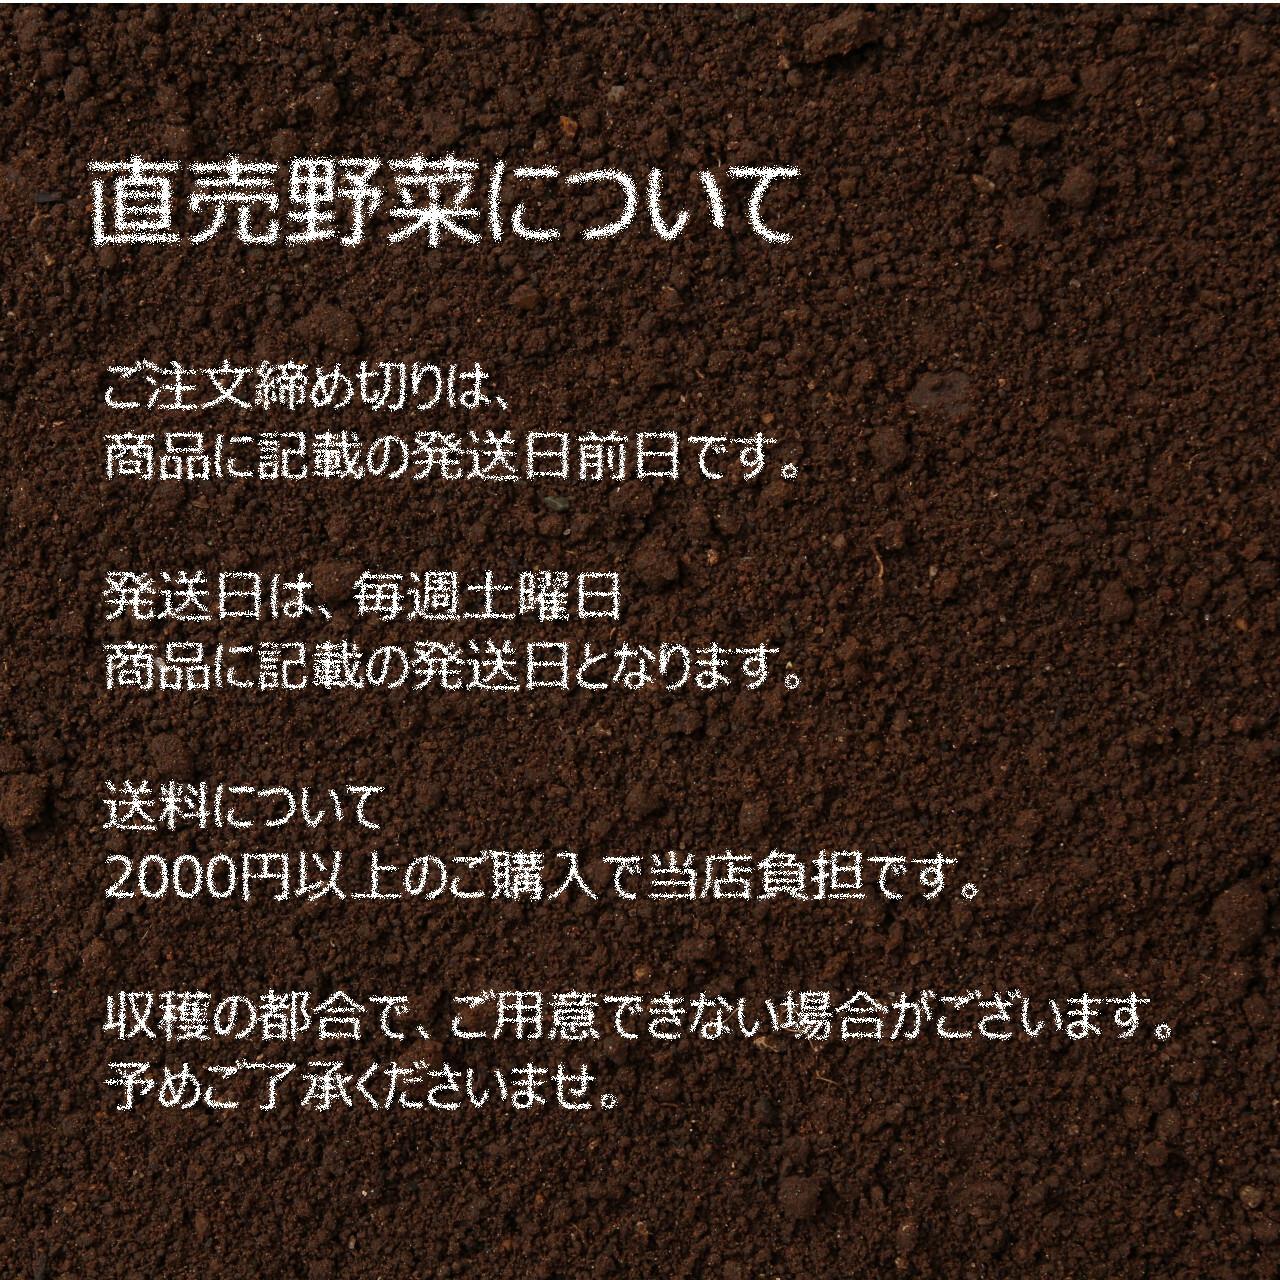 ニラ 約150g : 6月の朝採り直売野菜 春の新鮮野菜 6月20日発送予定